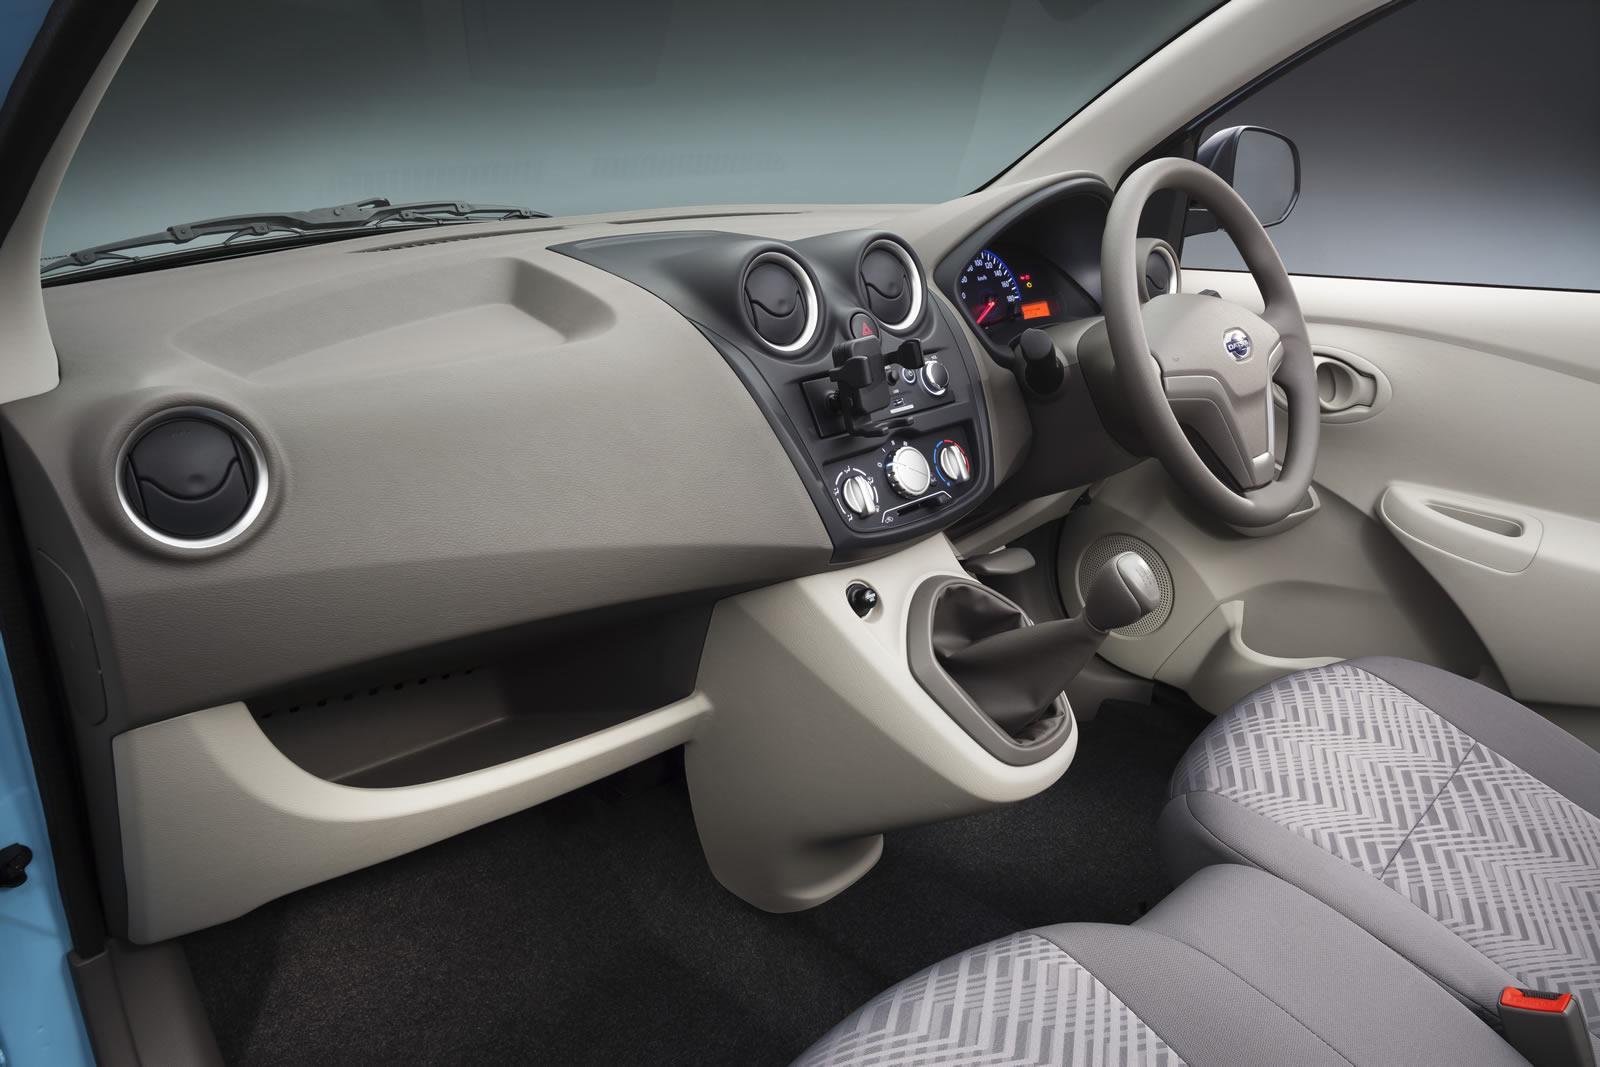 Datsun-Go-interior